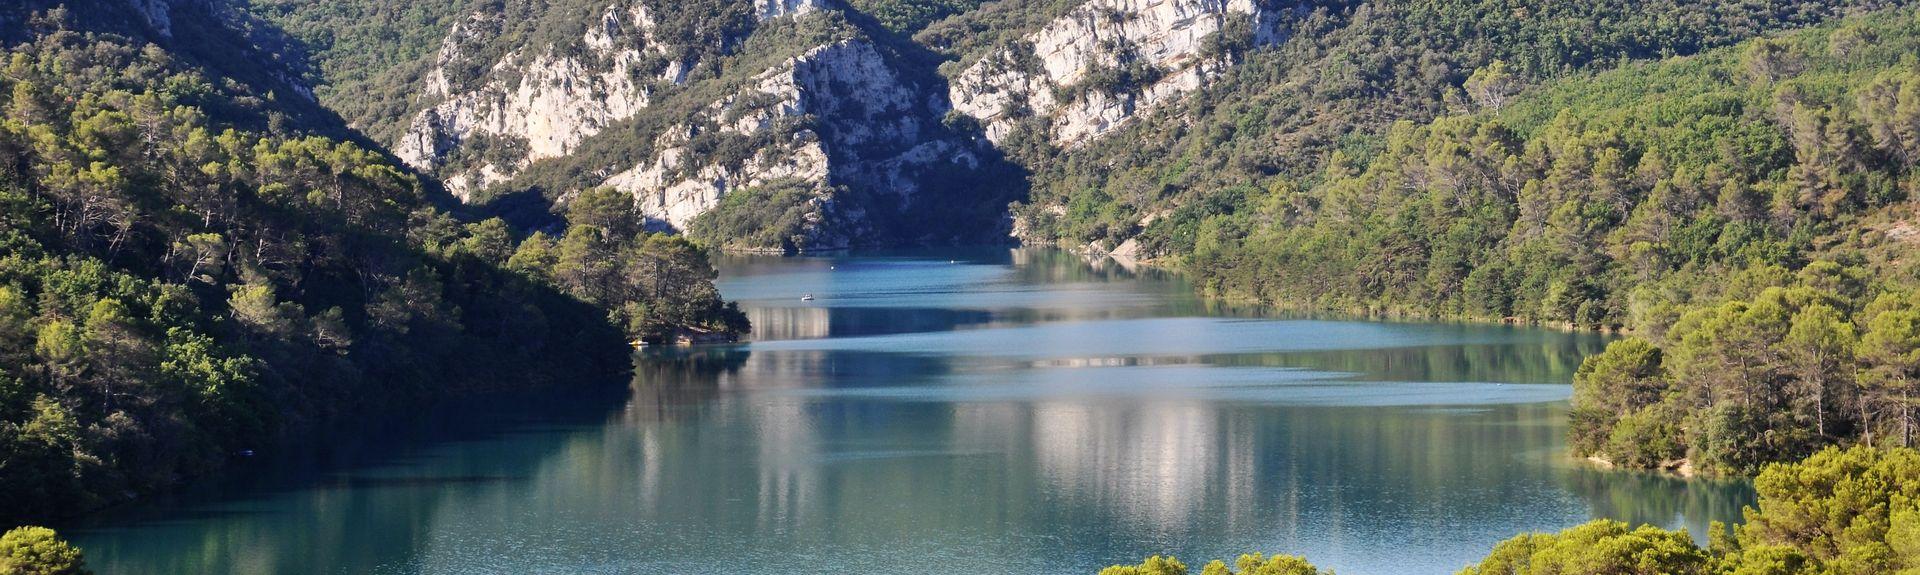 Sainte-Tulle, Alpes-de-Haute-Provence (department), France